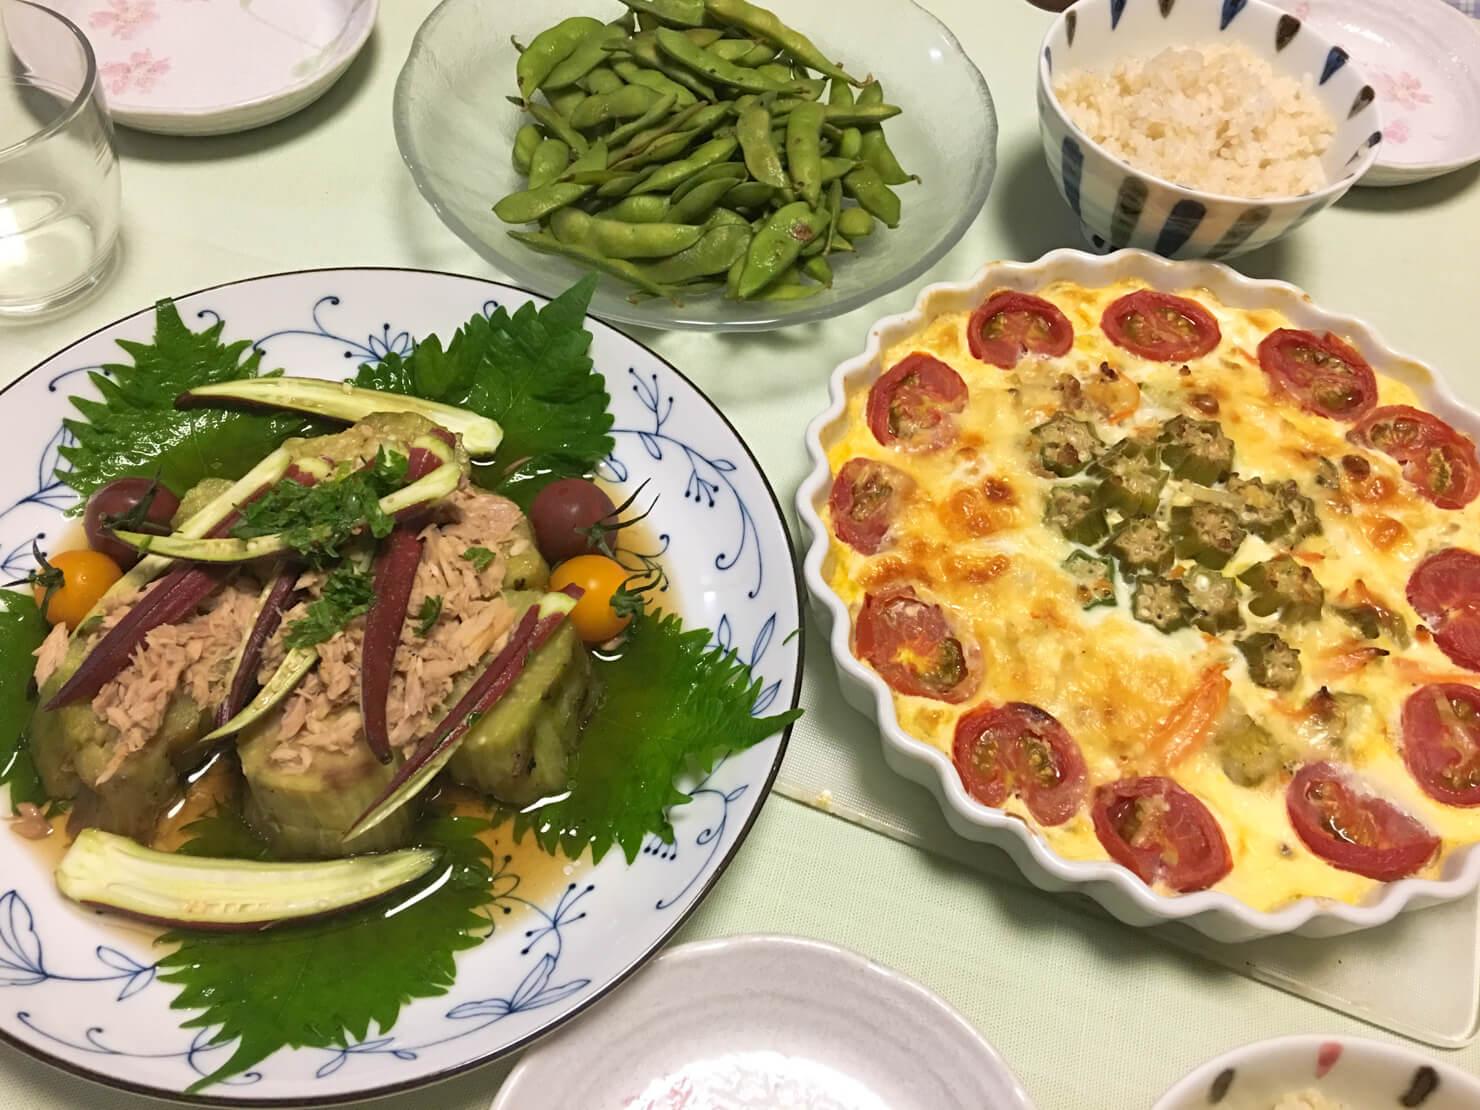 天狗ナスの焼きナスサラダ中心の晩御飯の写真